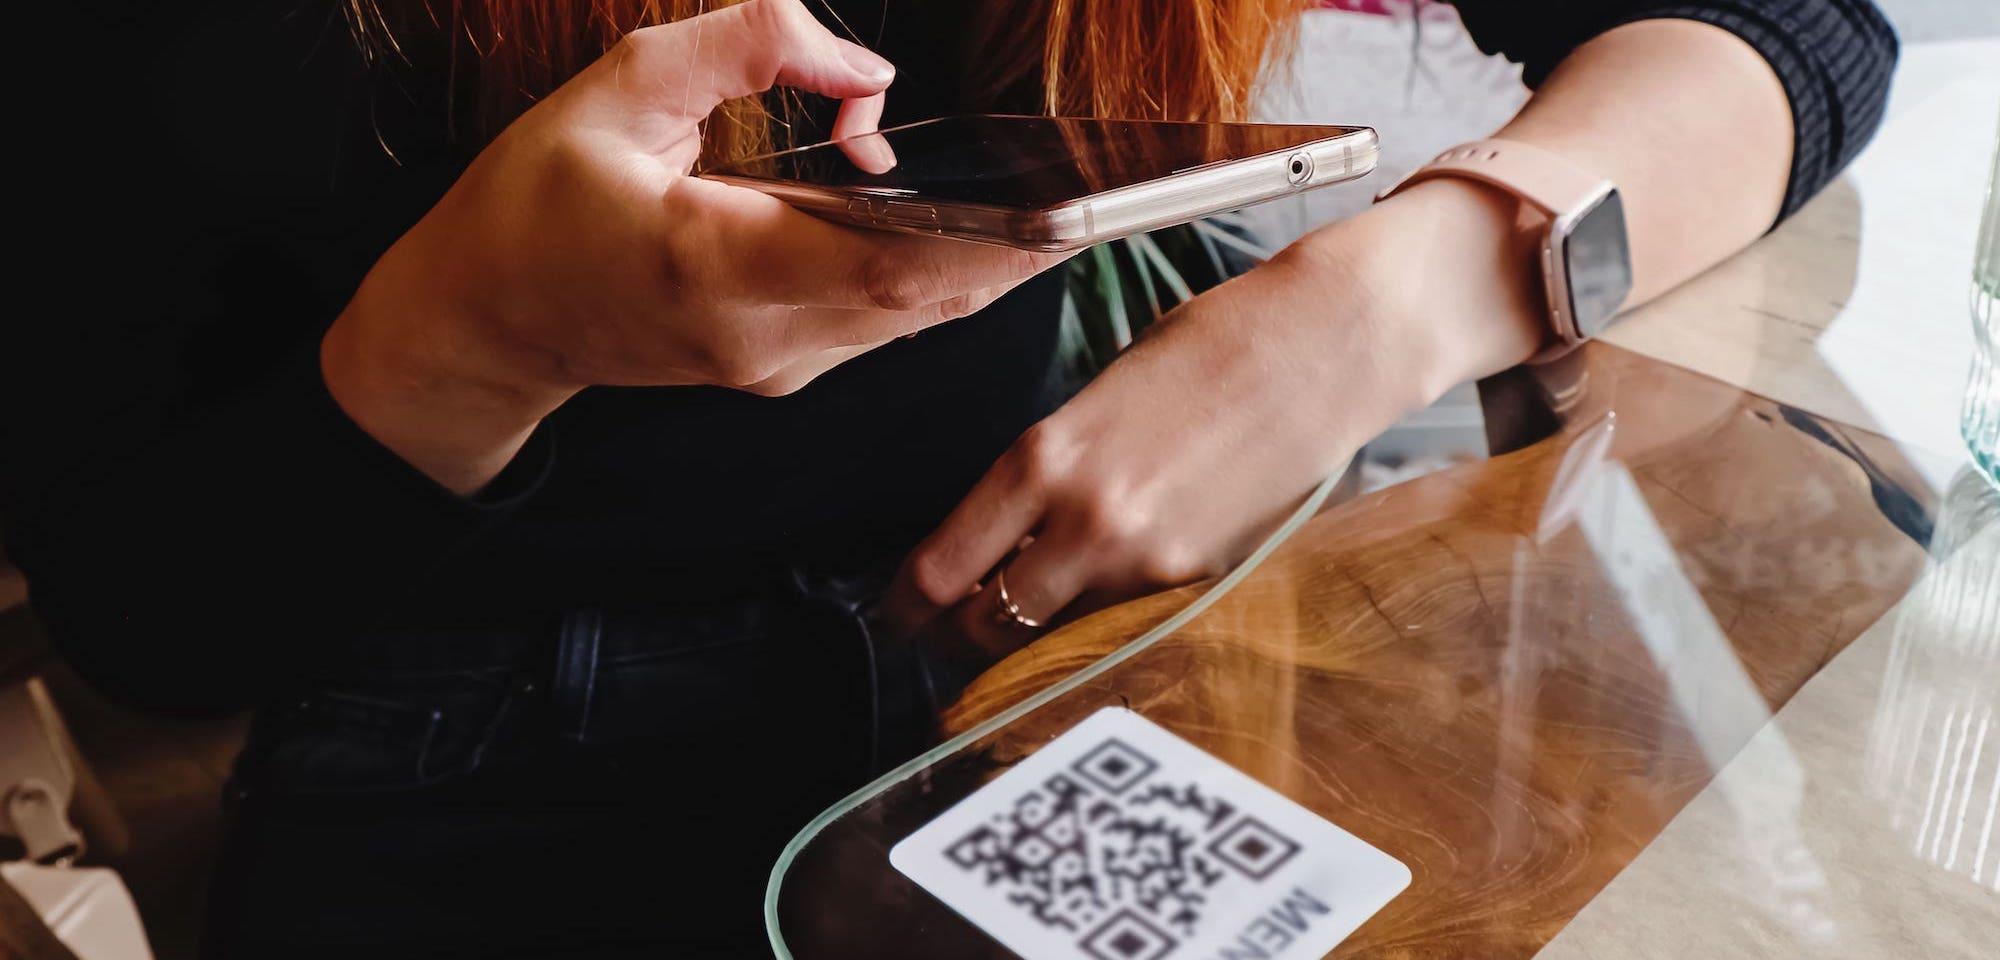 online ordering apps